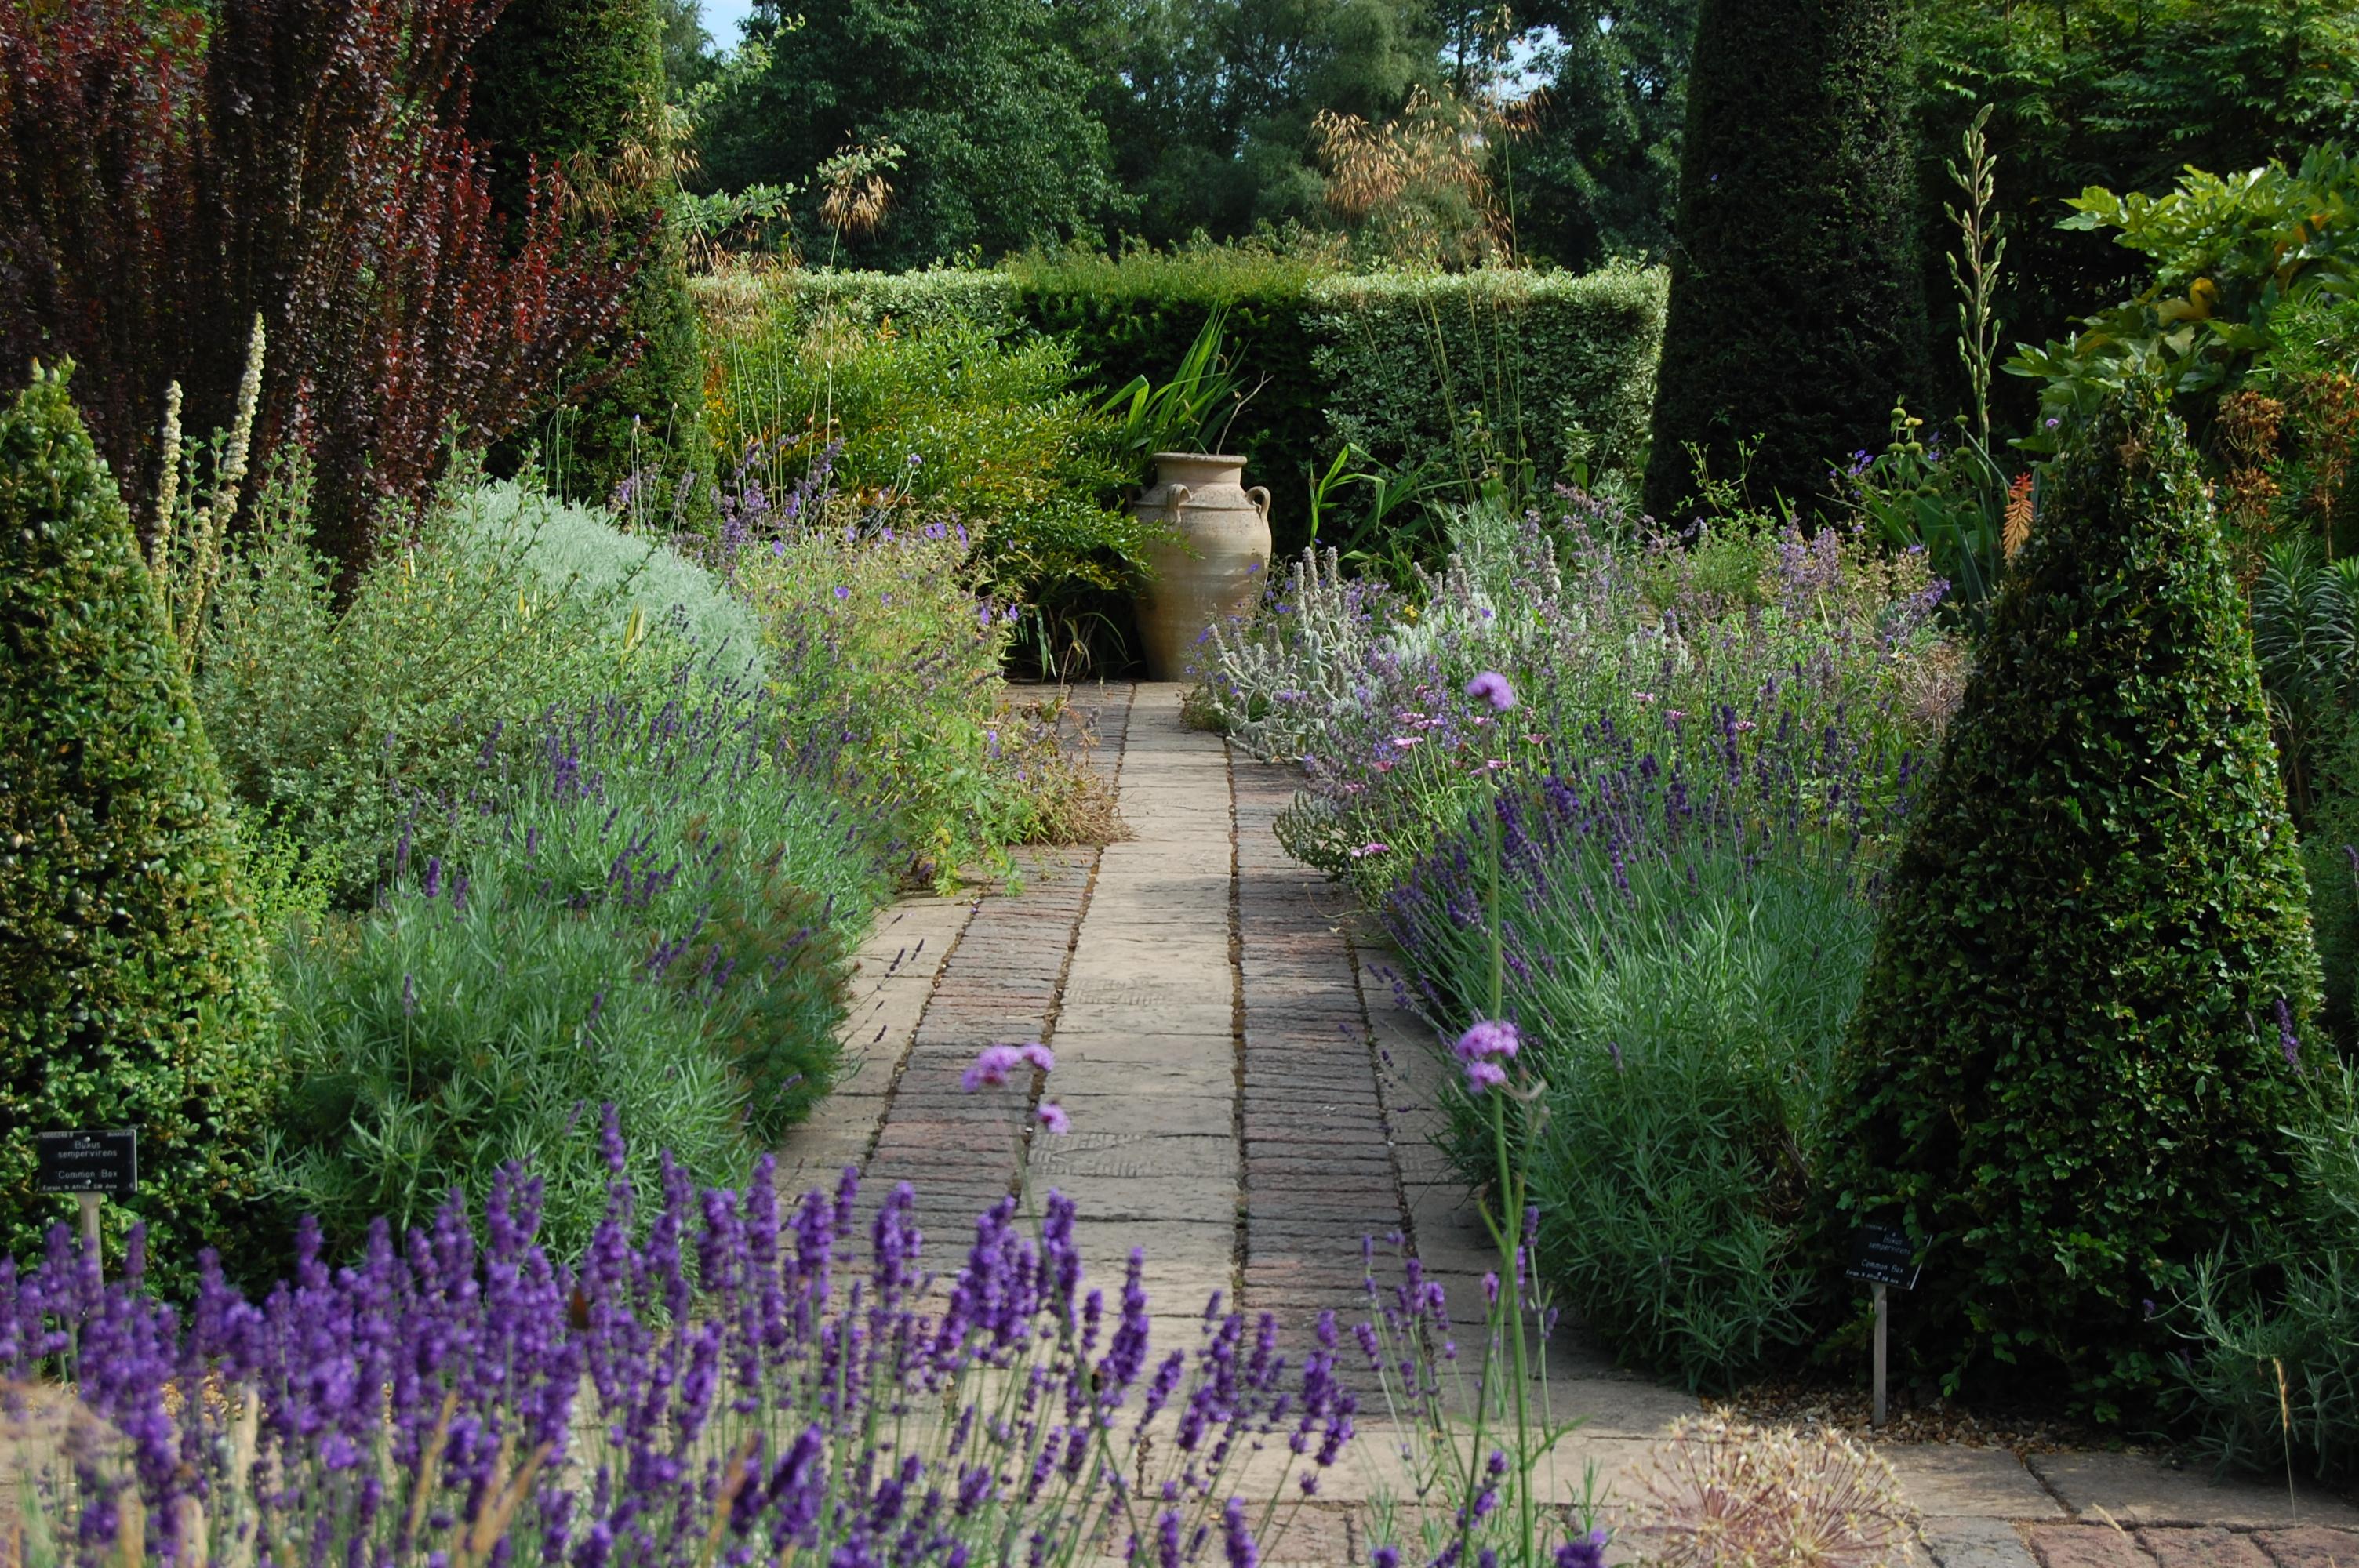 Inspirational garden photos for Garden inspiration